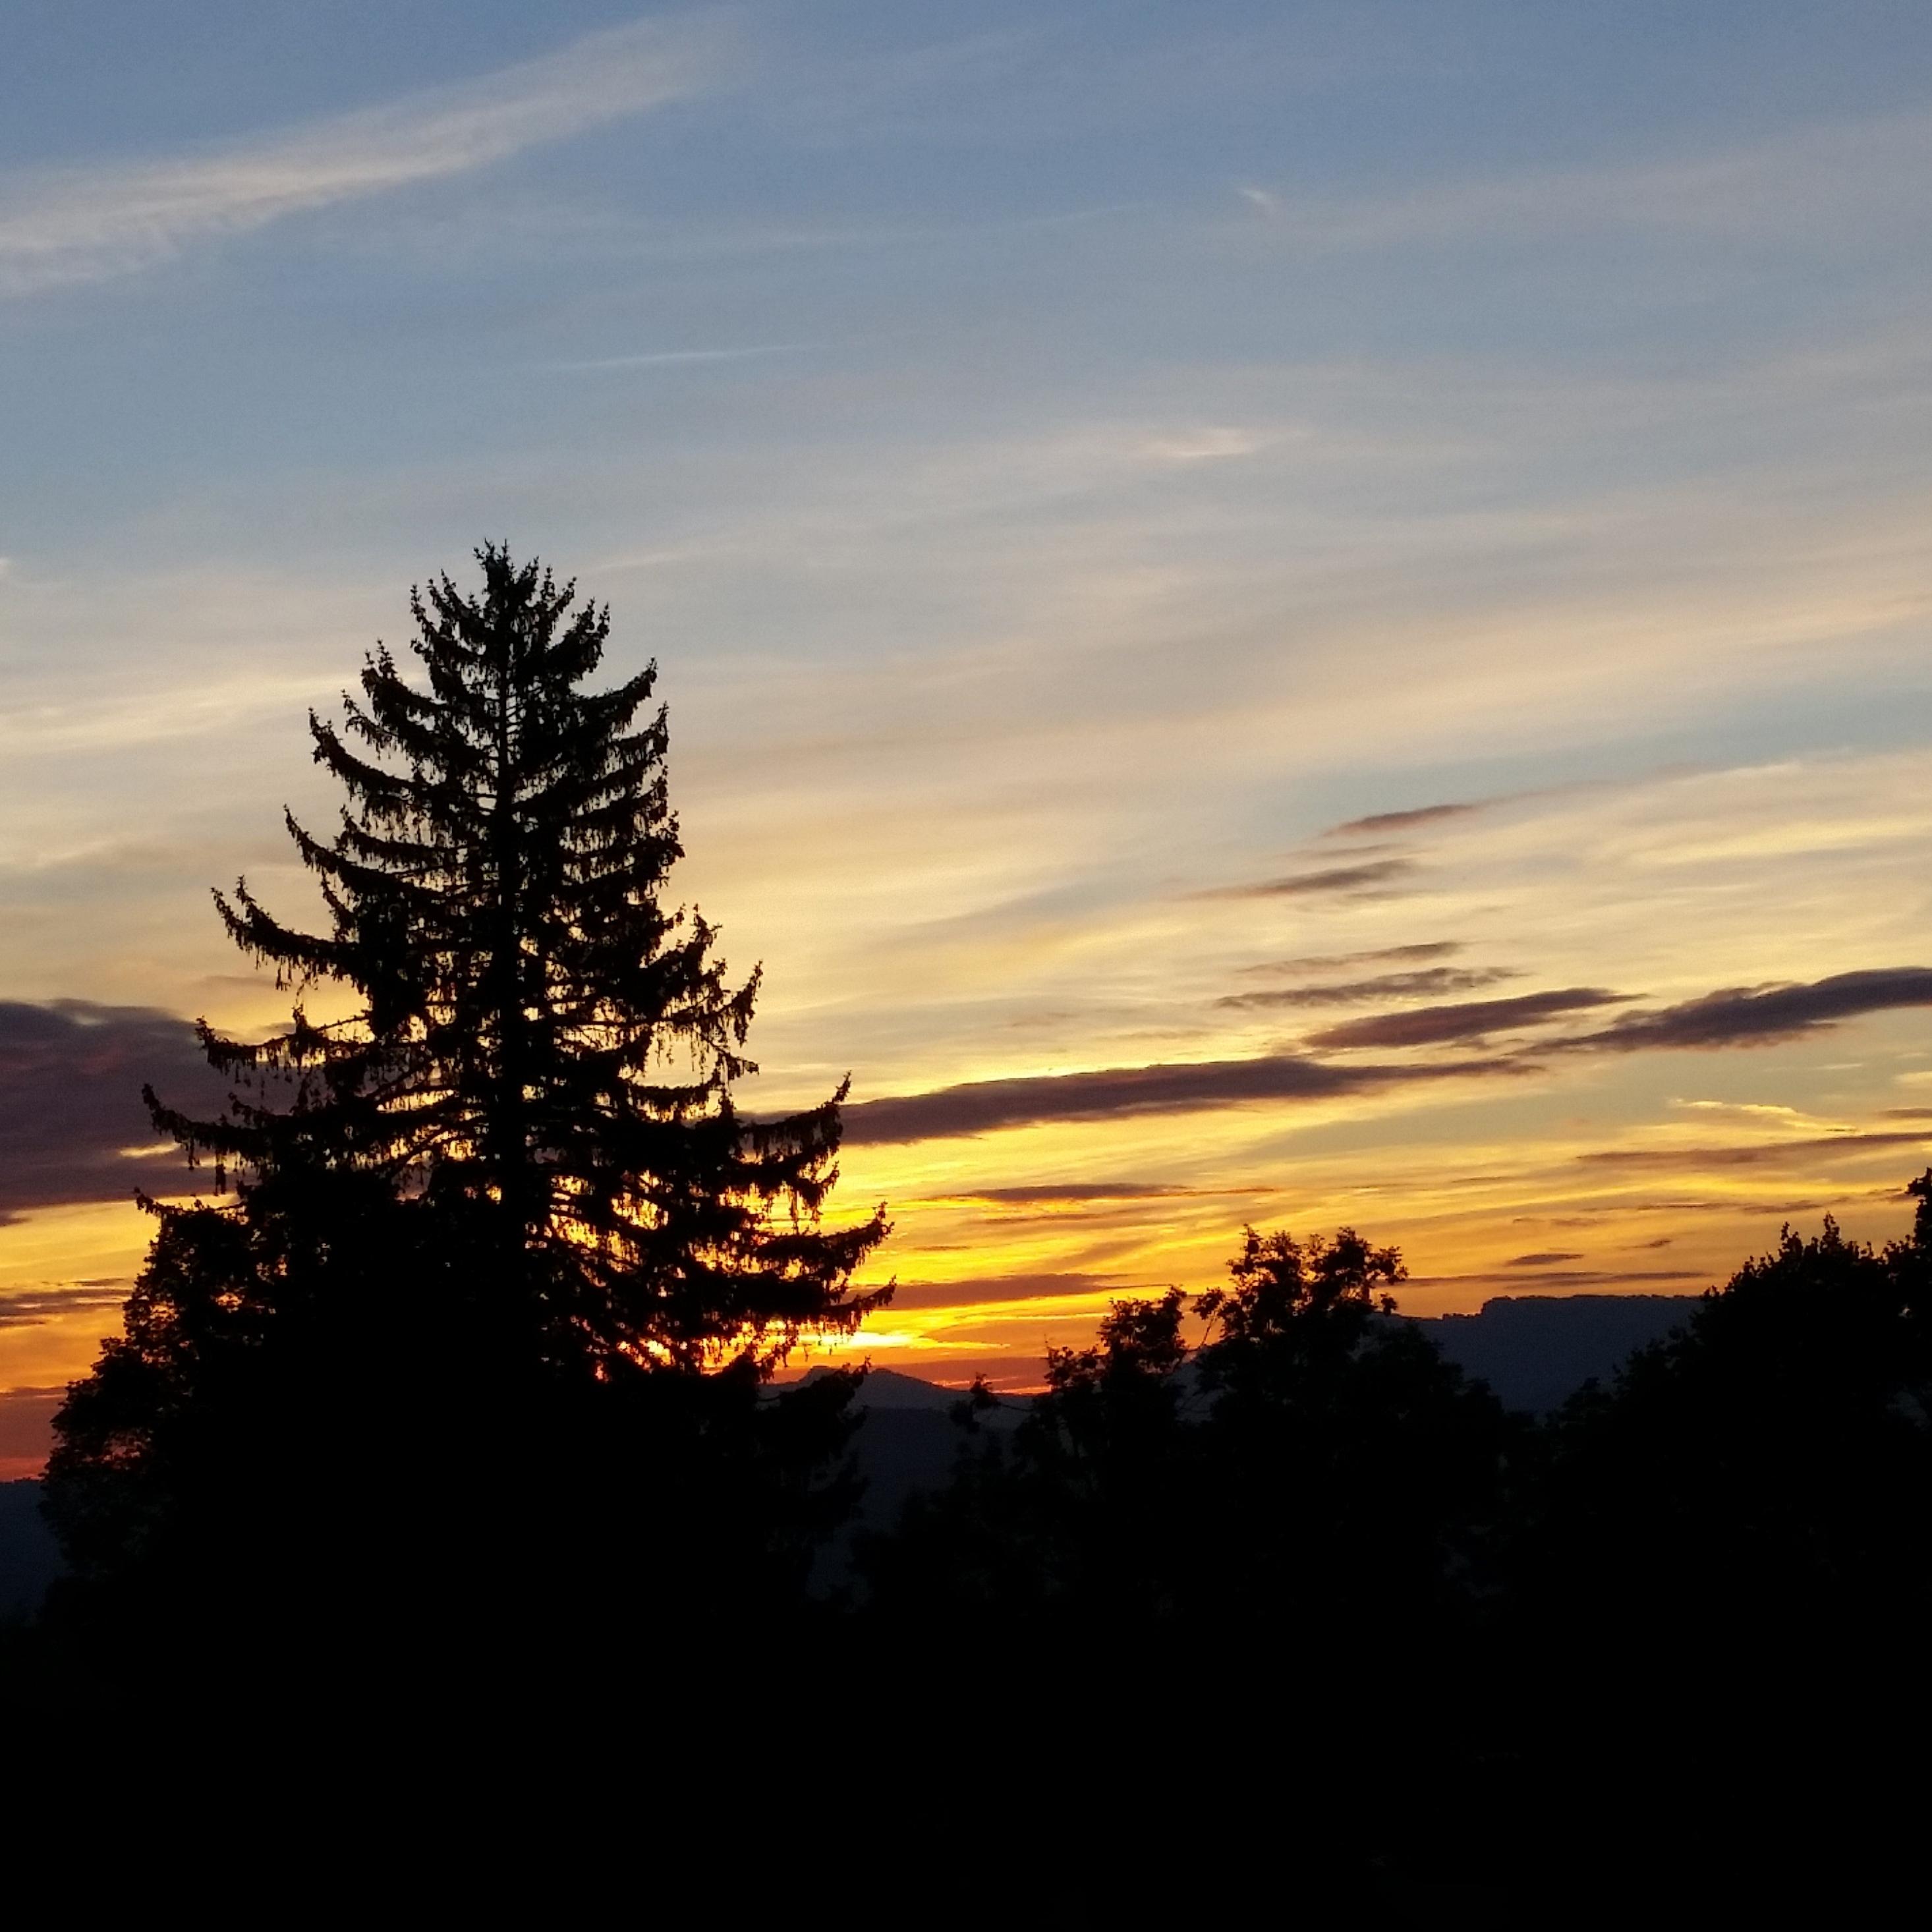 2932x2932 trees, sky, sunrise Ipad Pro Retina Display ...